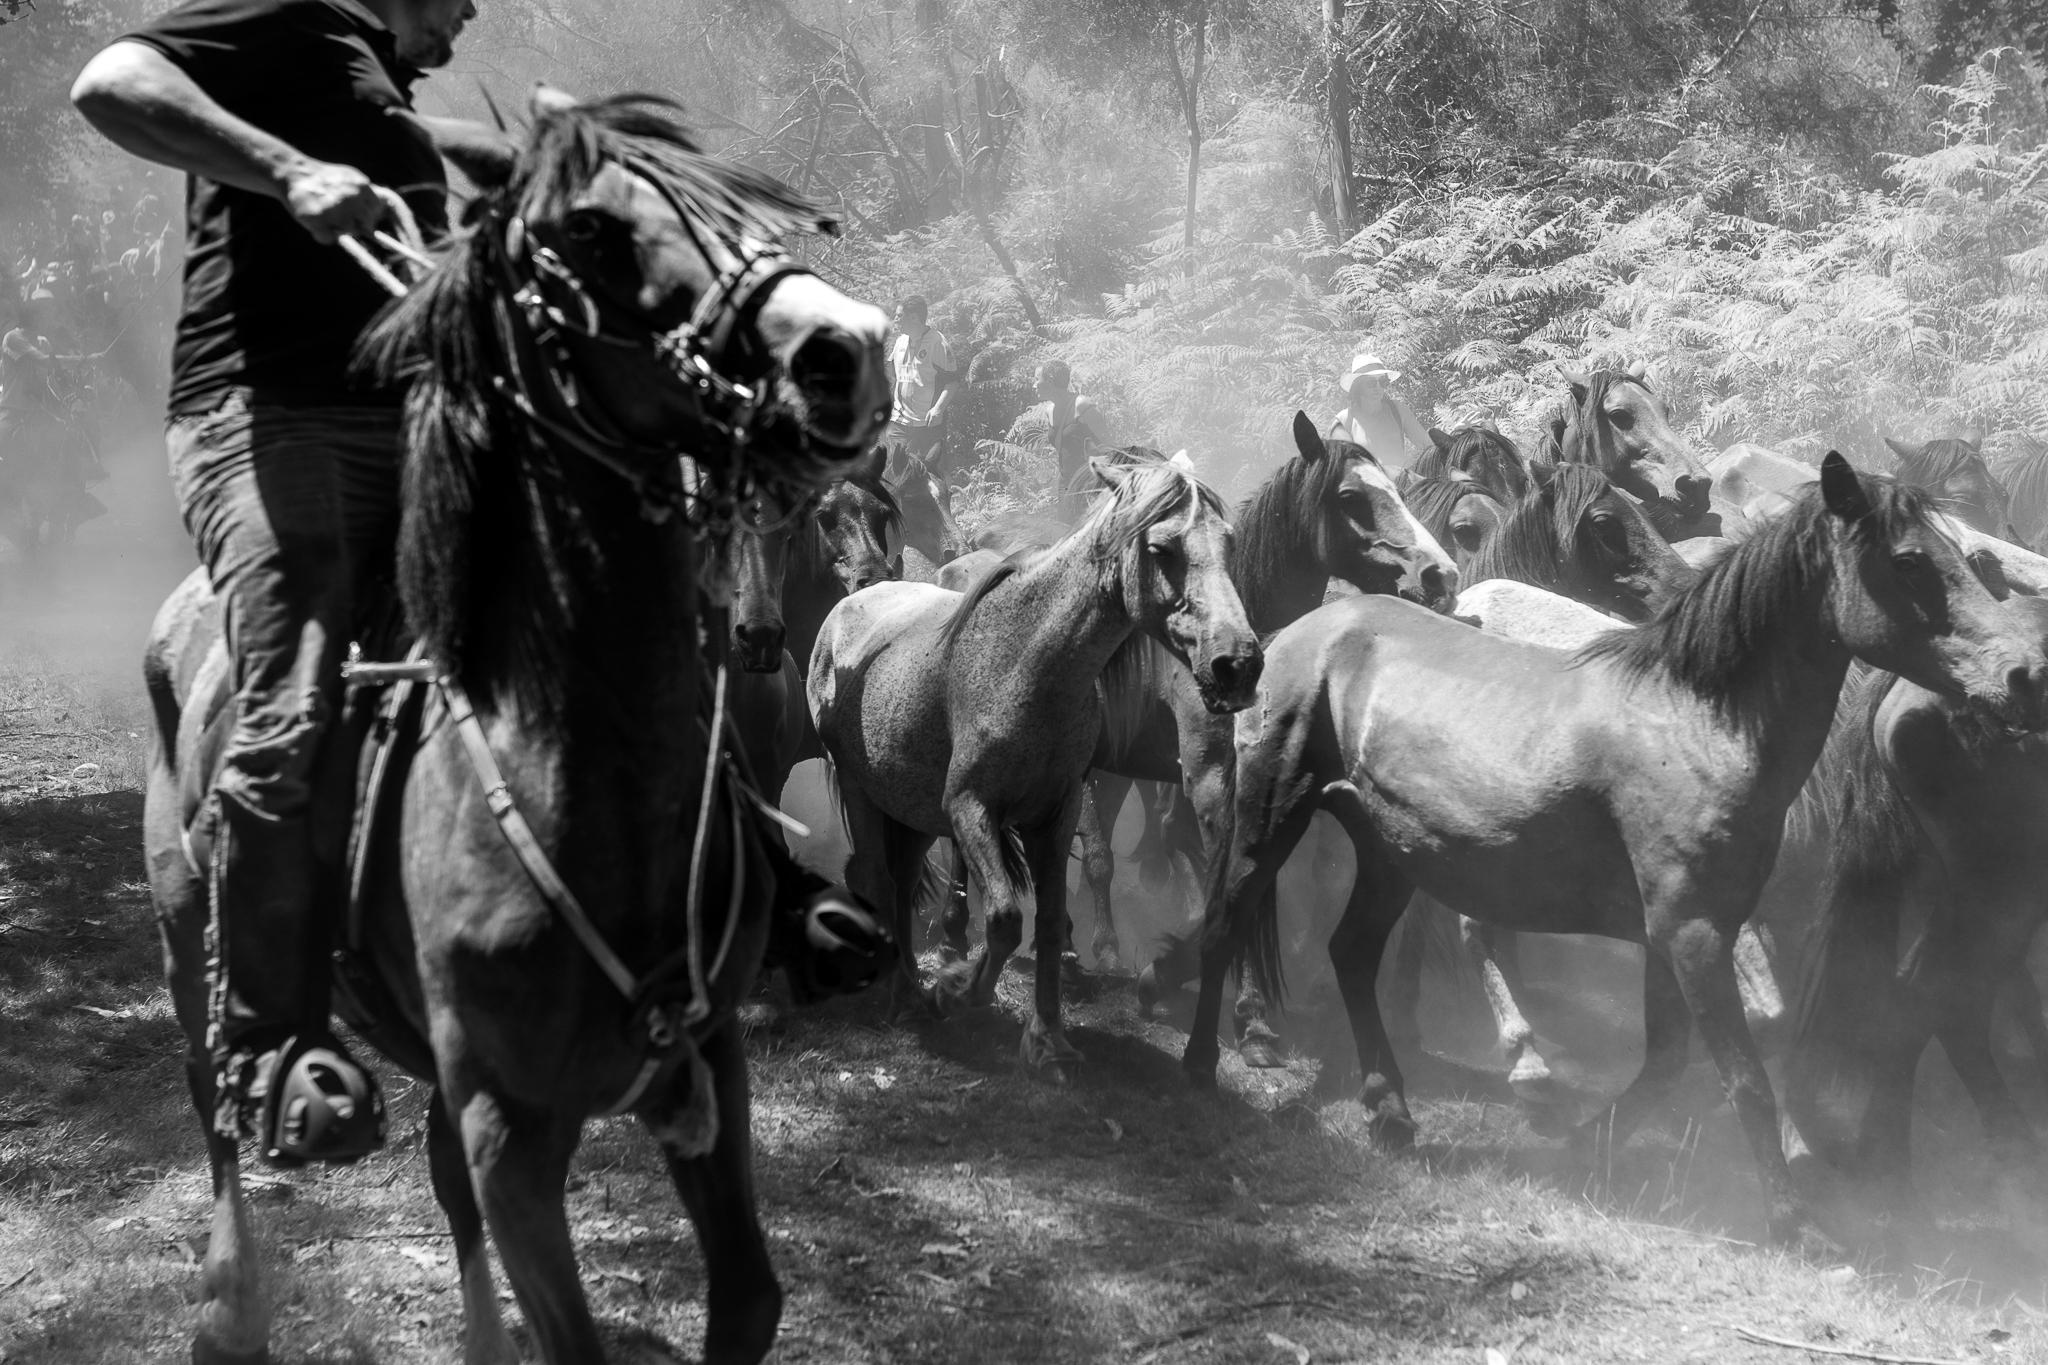 La Rapa das Bestas de Sabucedo, localidad perteneciente al municipio de A Estrada, Pontevedra, se celebra cada año durante el primer viernes, sábado, domingo y lunes del mes de Julio. <br>La celebración consiste en bajar de los montes a las manadas de caballos salvajes para posteriormente meterlos en el curro, raparlos, desparasitarlos y marcarlos. <br>La bajada se lleva a cabo gracias a los vecinos de Sabucedo y a todos los innumerables colaboradores, mientras que cuando los animales se encuentran en el curro son solamente los aloitadores quienes con su valentía y destreza han de enfrentarse a las manadas de caballos salvajes y a sus garañones.